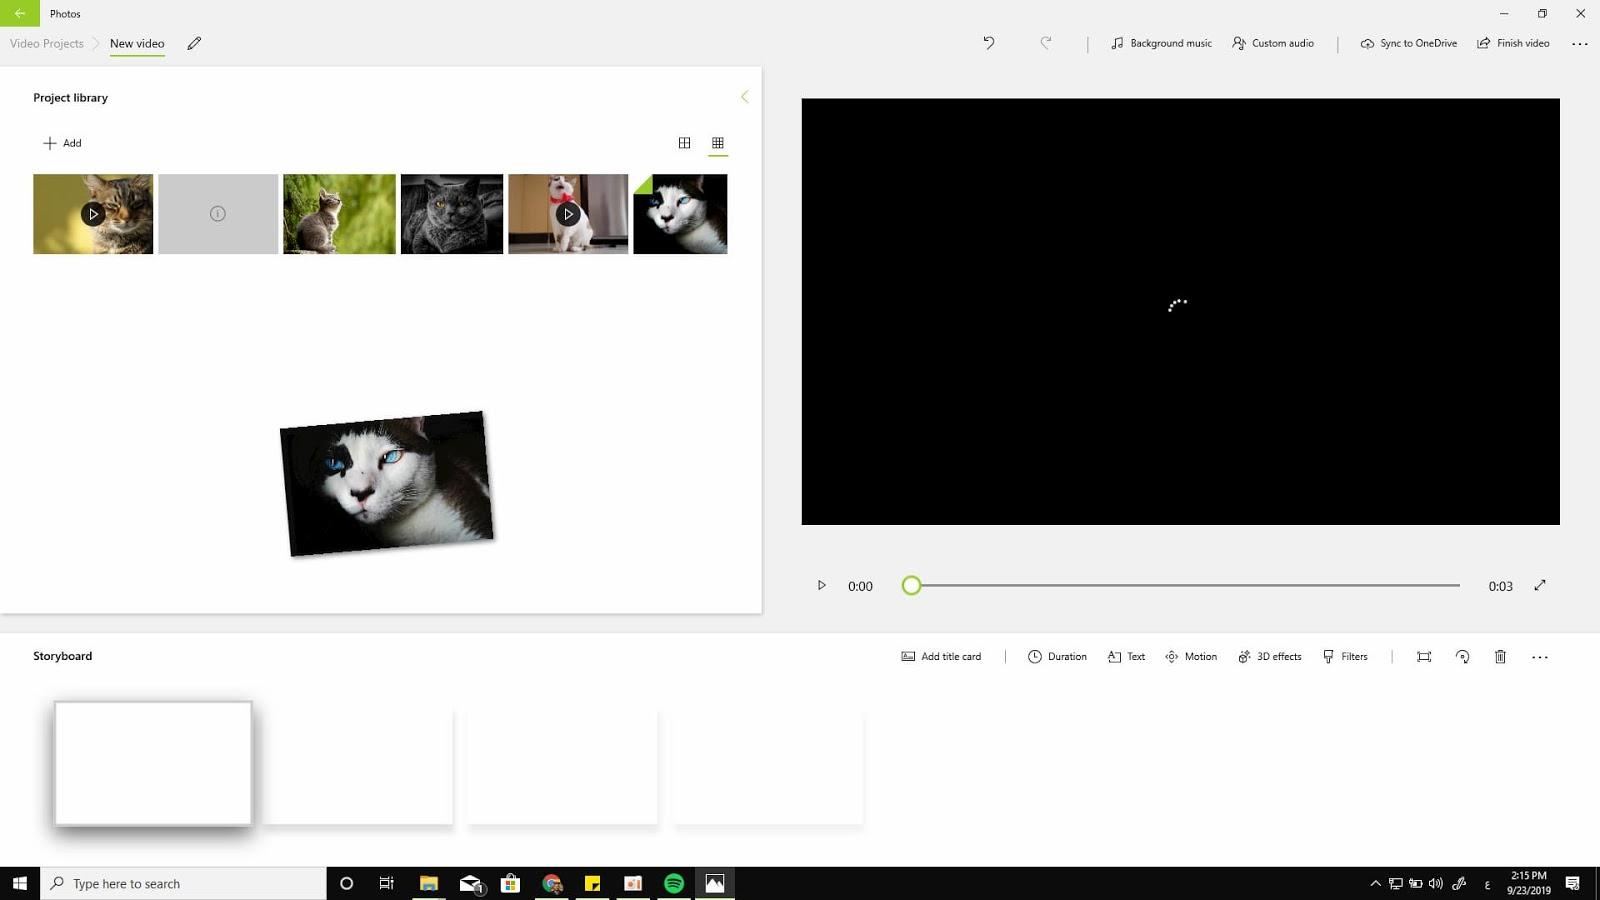 انشاء فيديو من الصور على ويندوز 10 بدون برامج